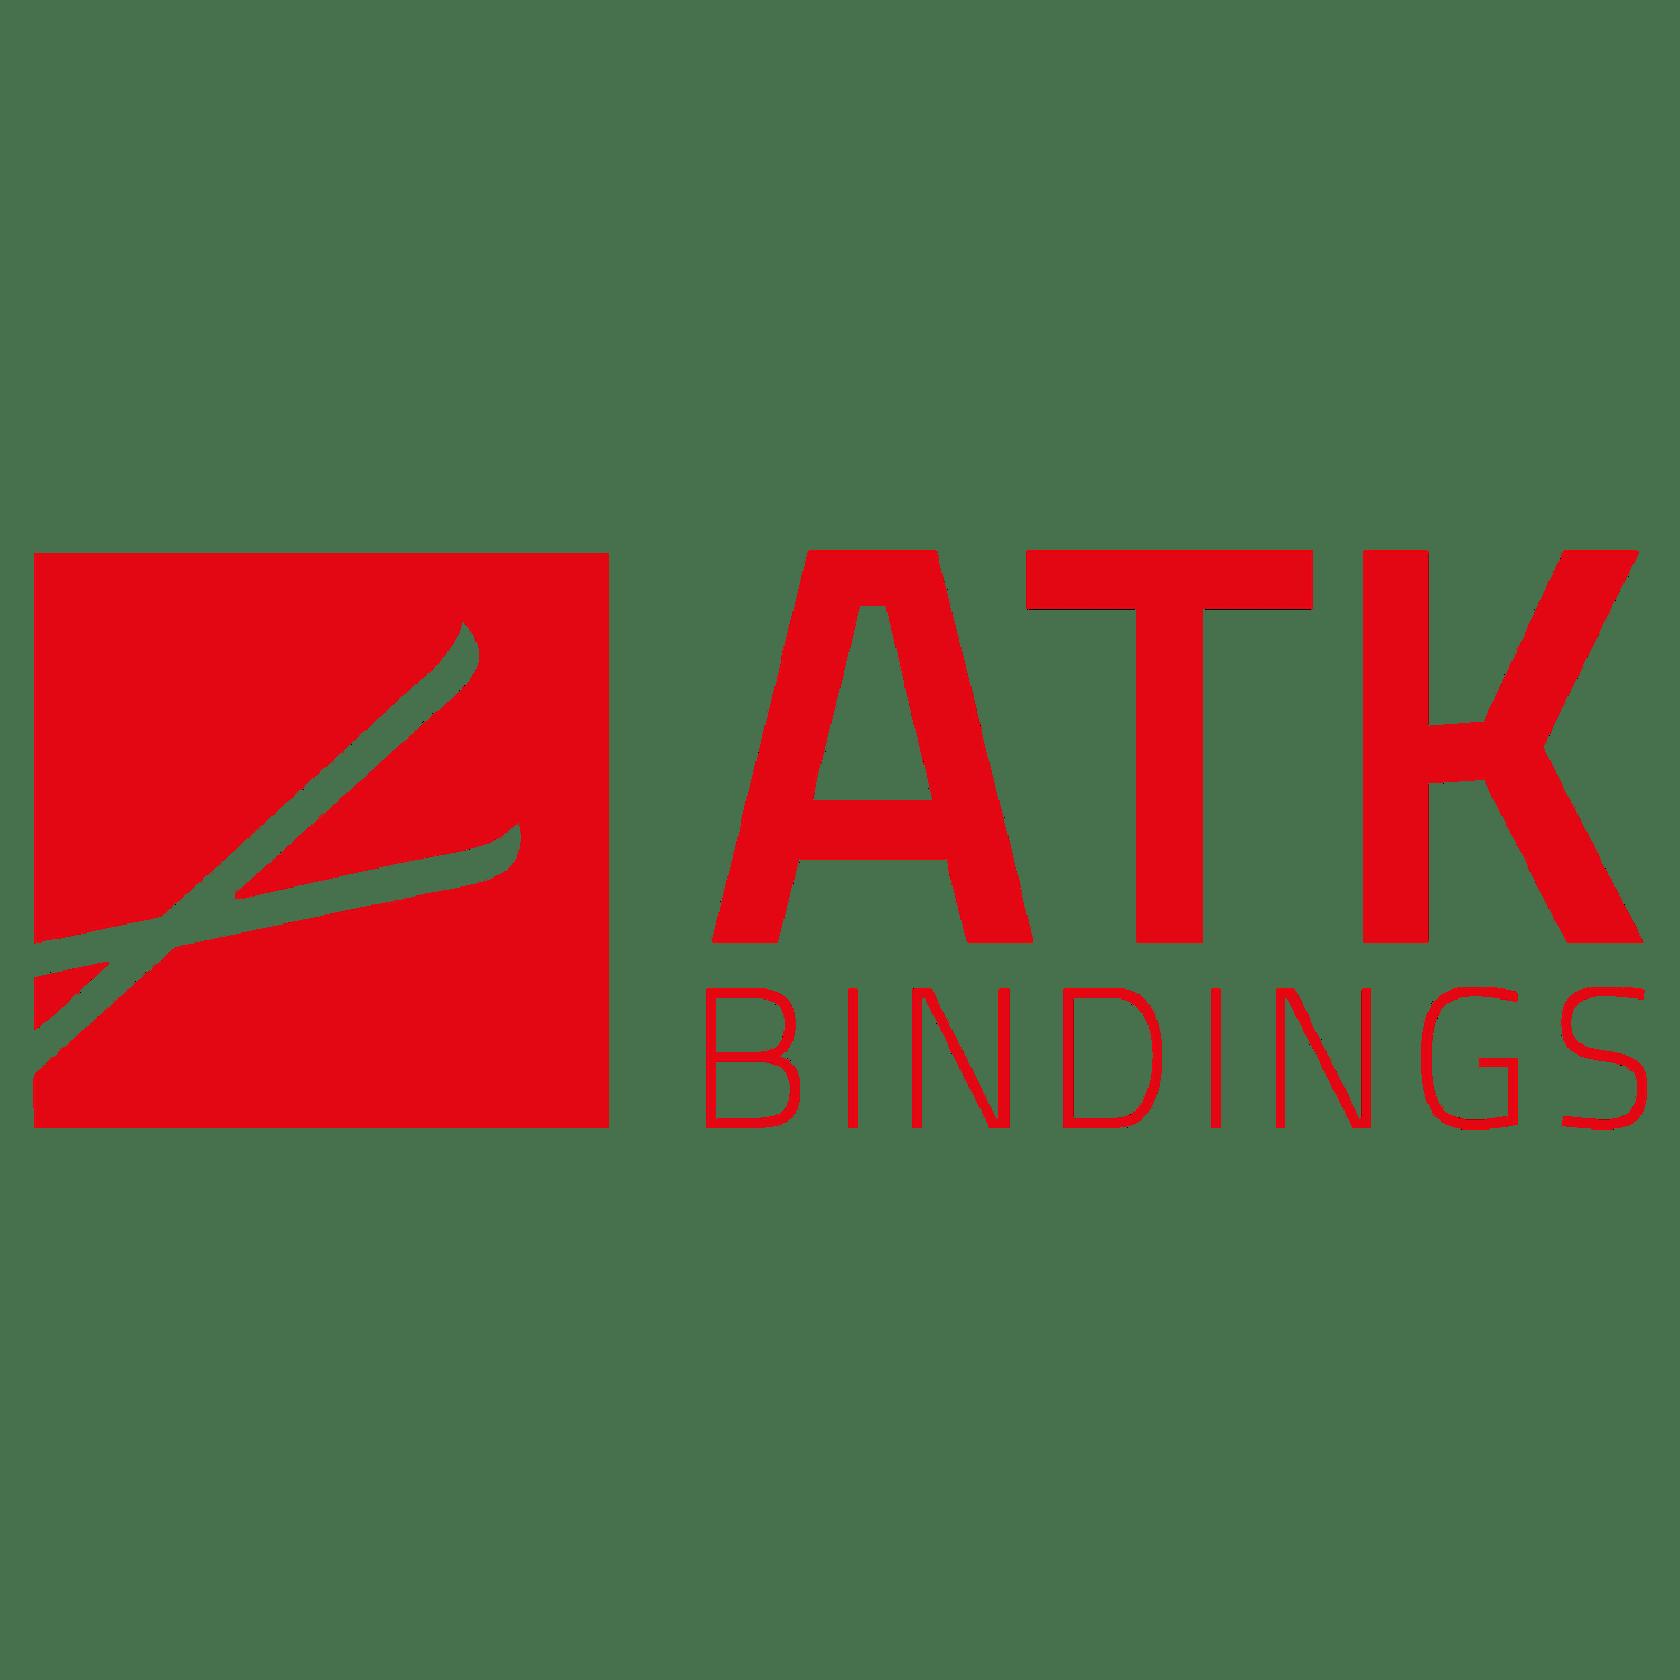 ATK shop online